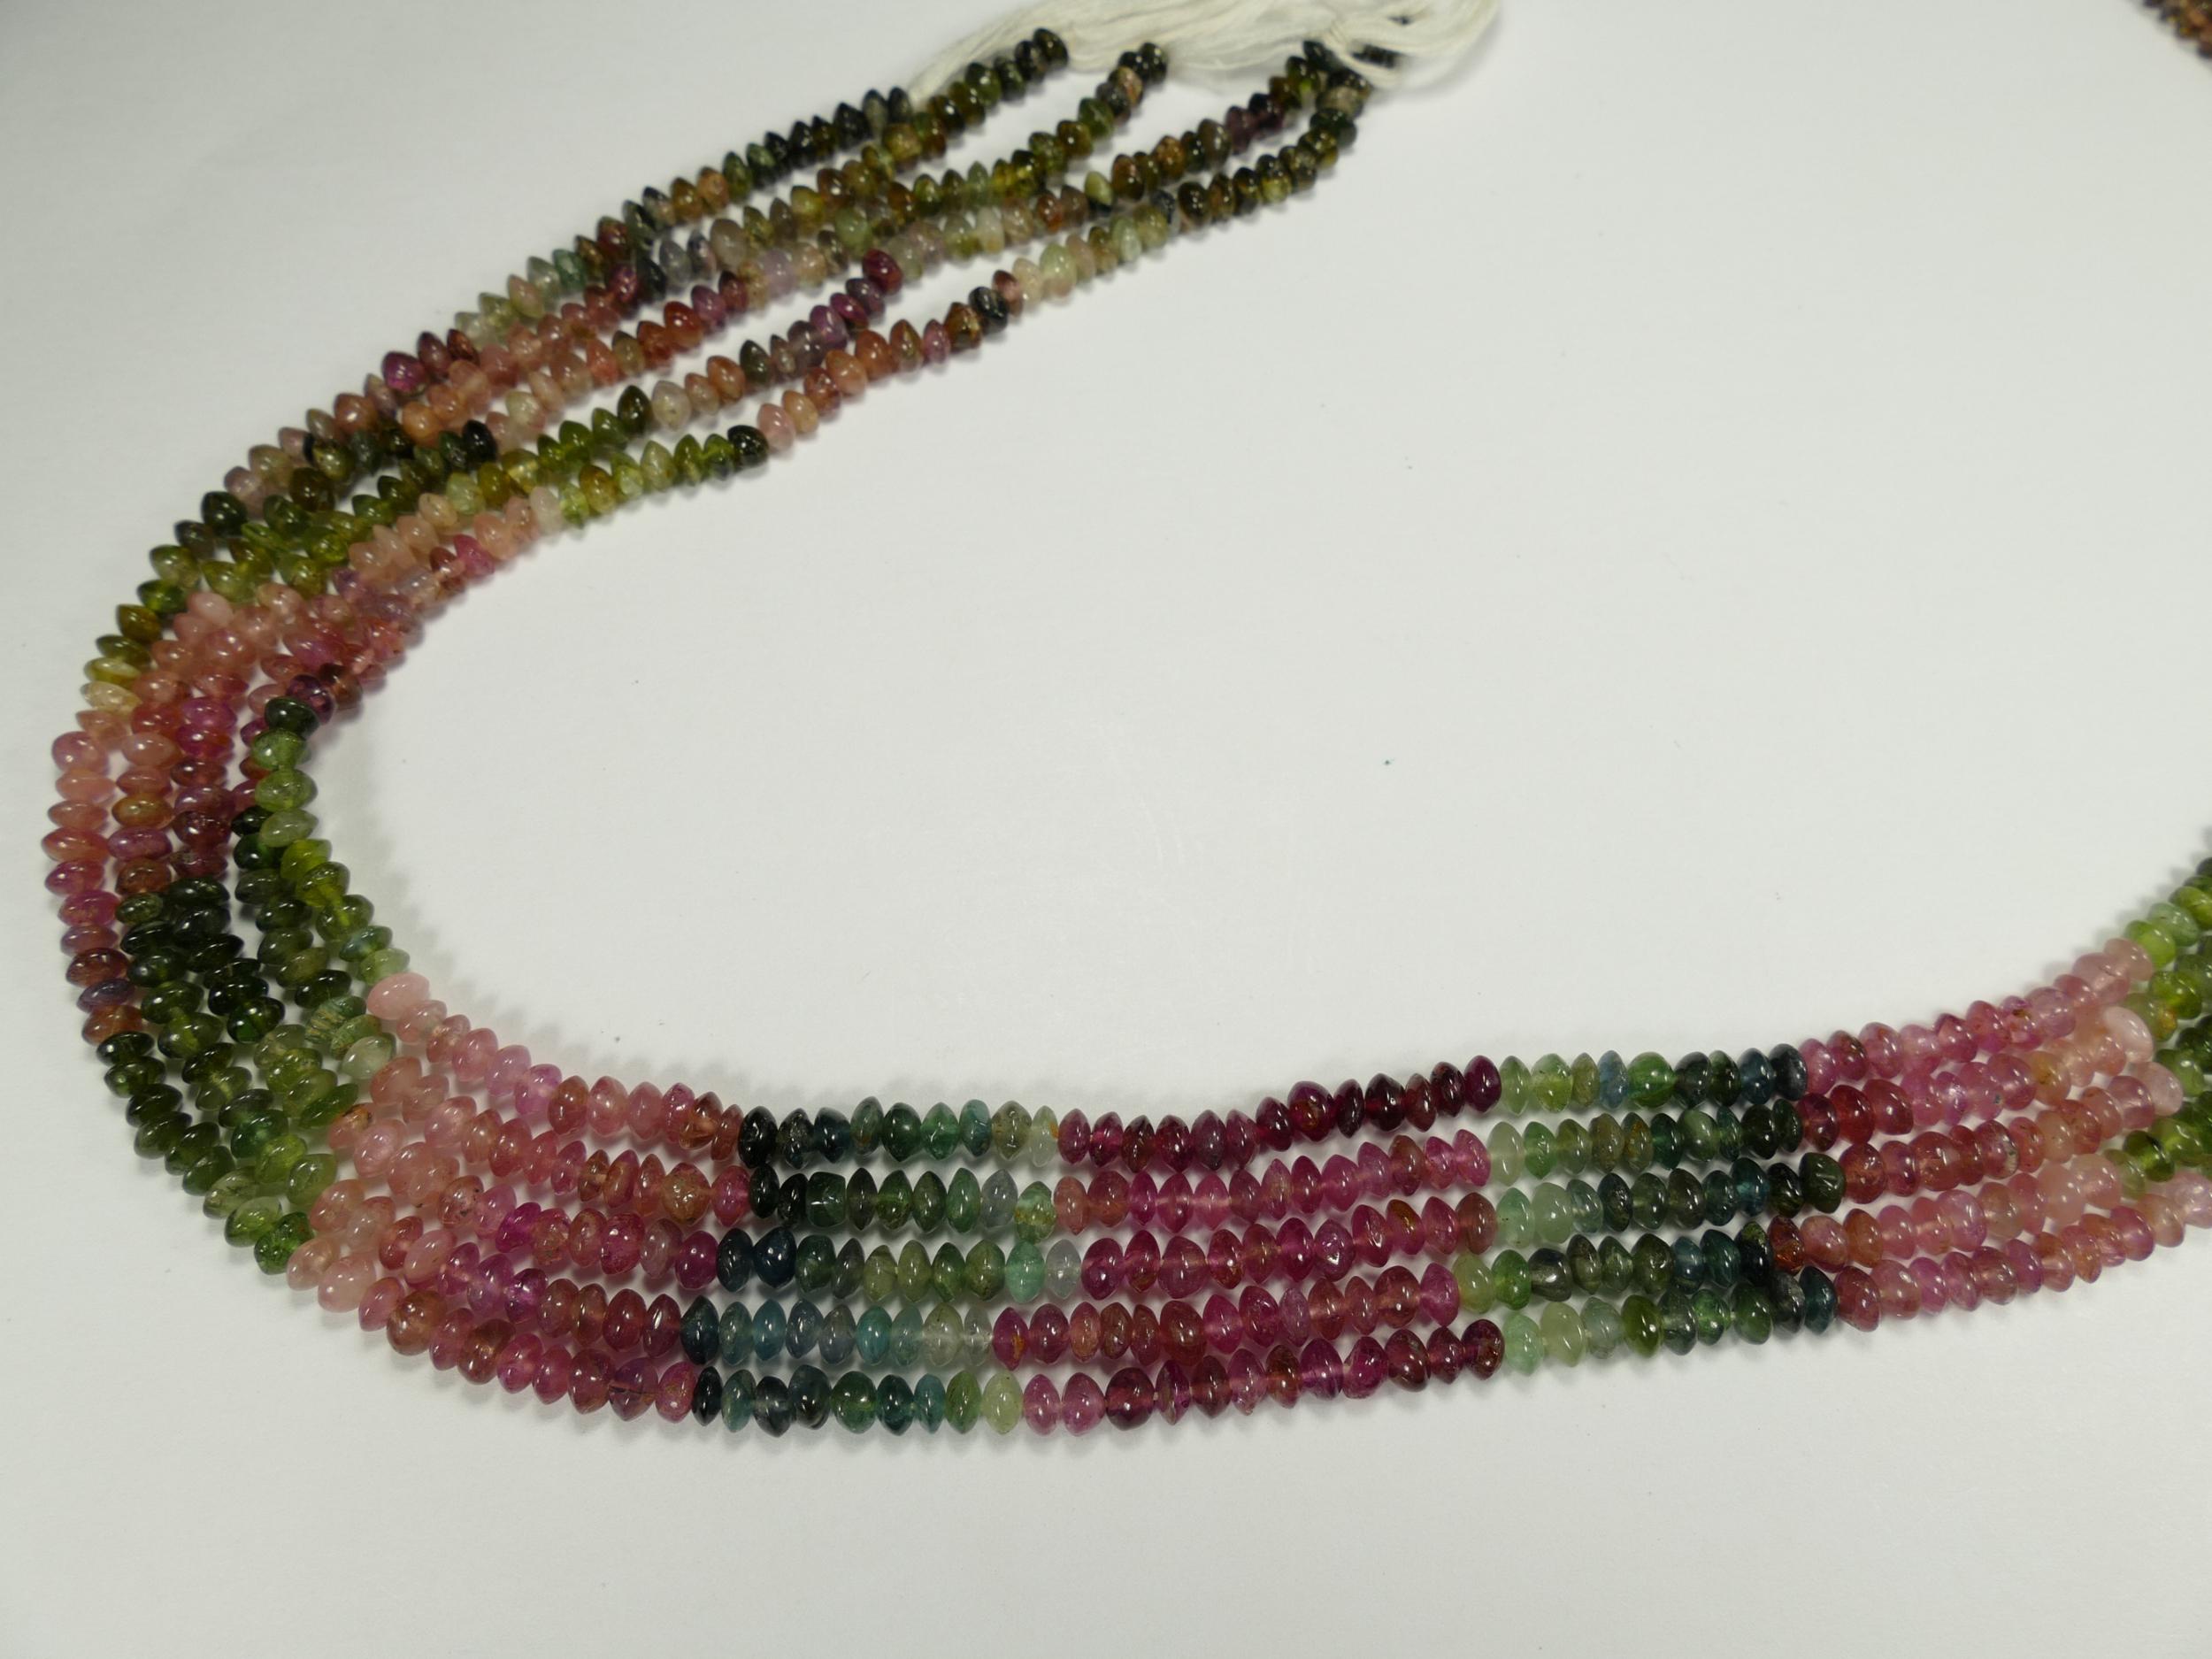 3.7/4mm Fil de perles de Tourmaline naturelle multicolore en rondelle lisse 37cm (14.5inch) (#AC864)